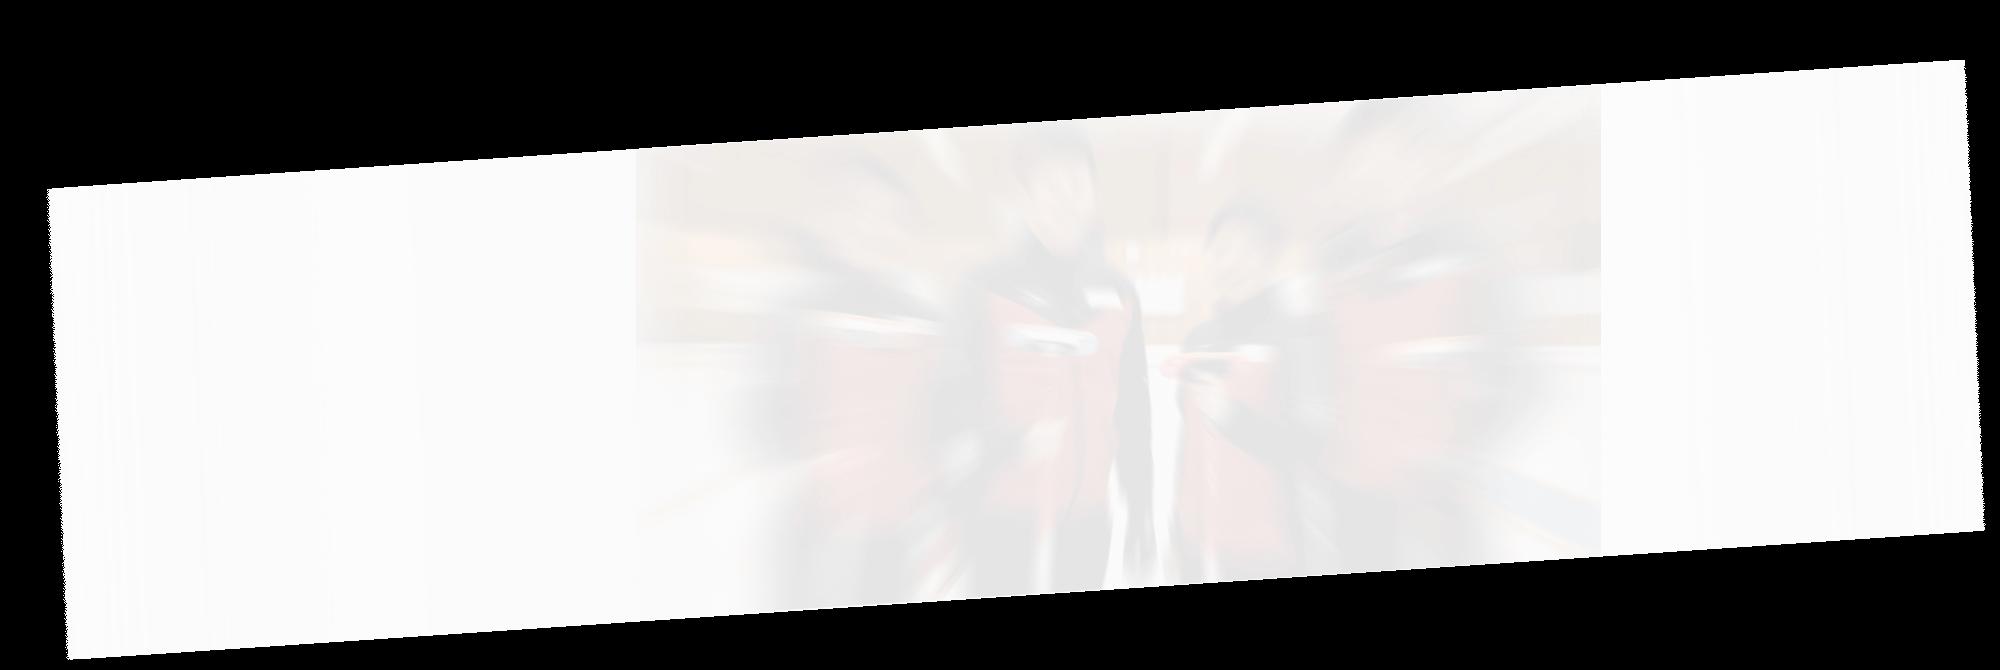 アバウト背景画像